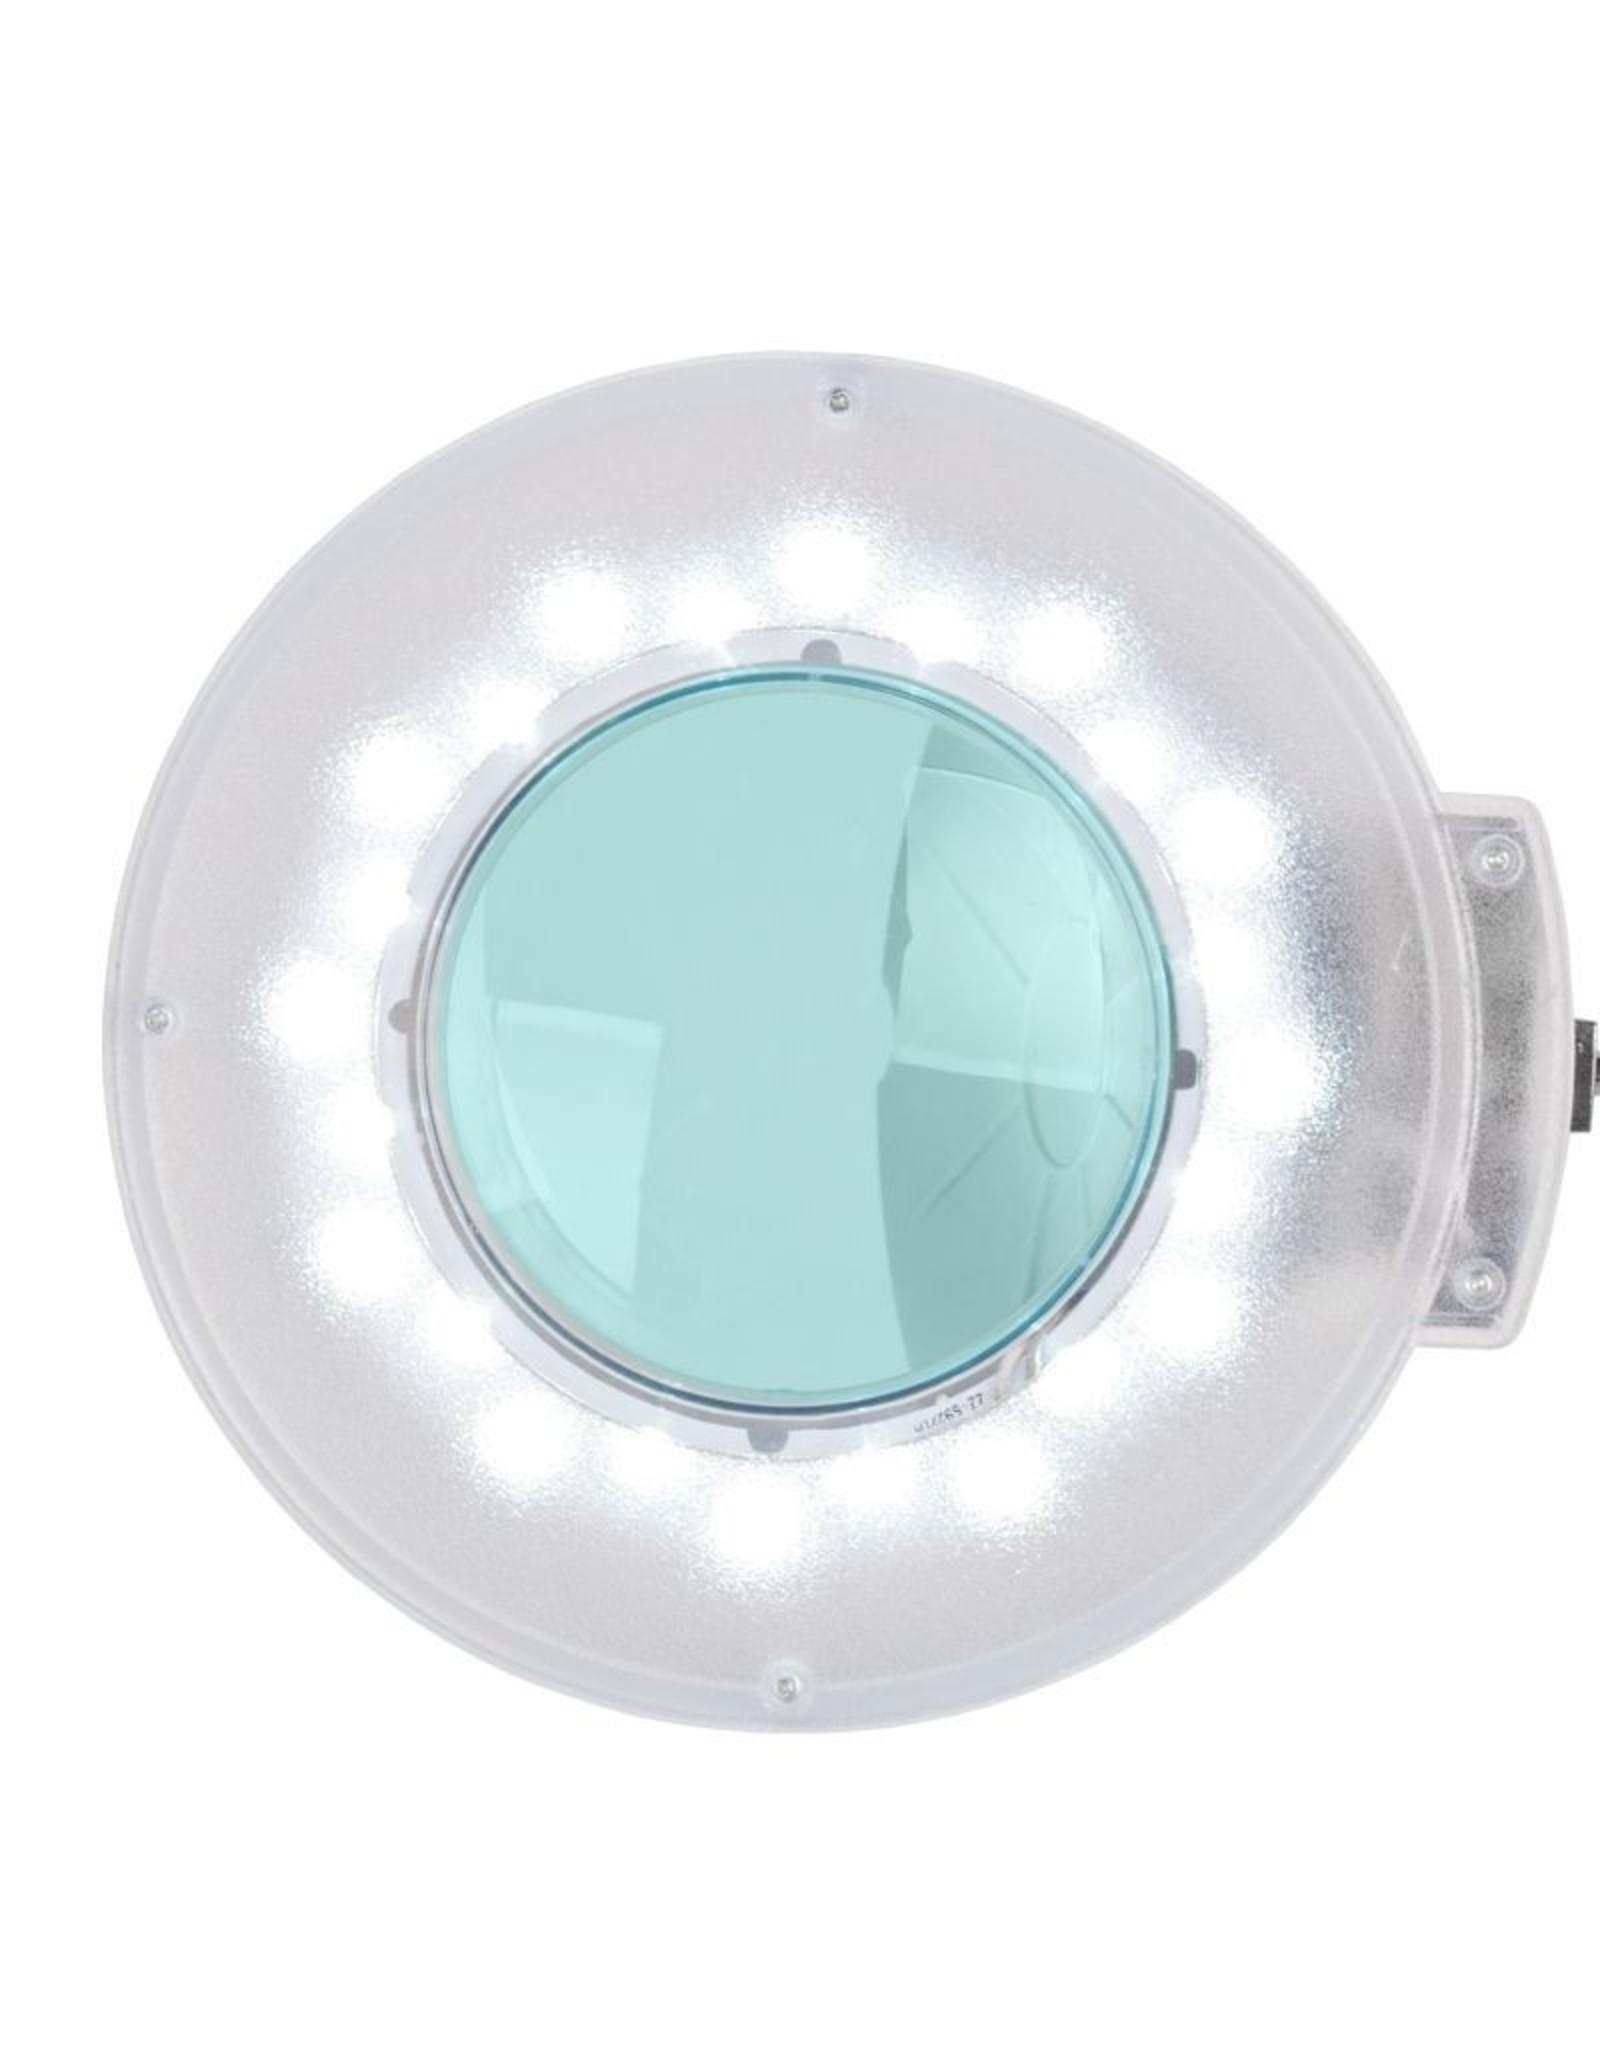 Mega Beauty Shop® LED Loeplamp met tafelklem GRATIS!